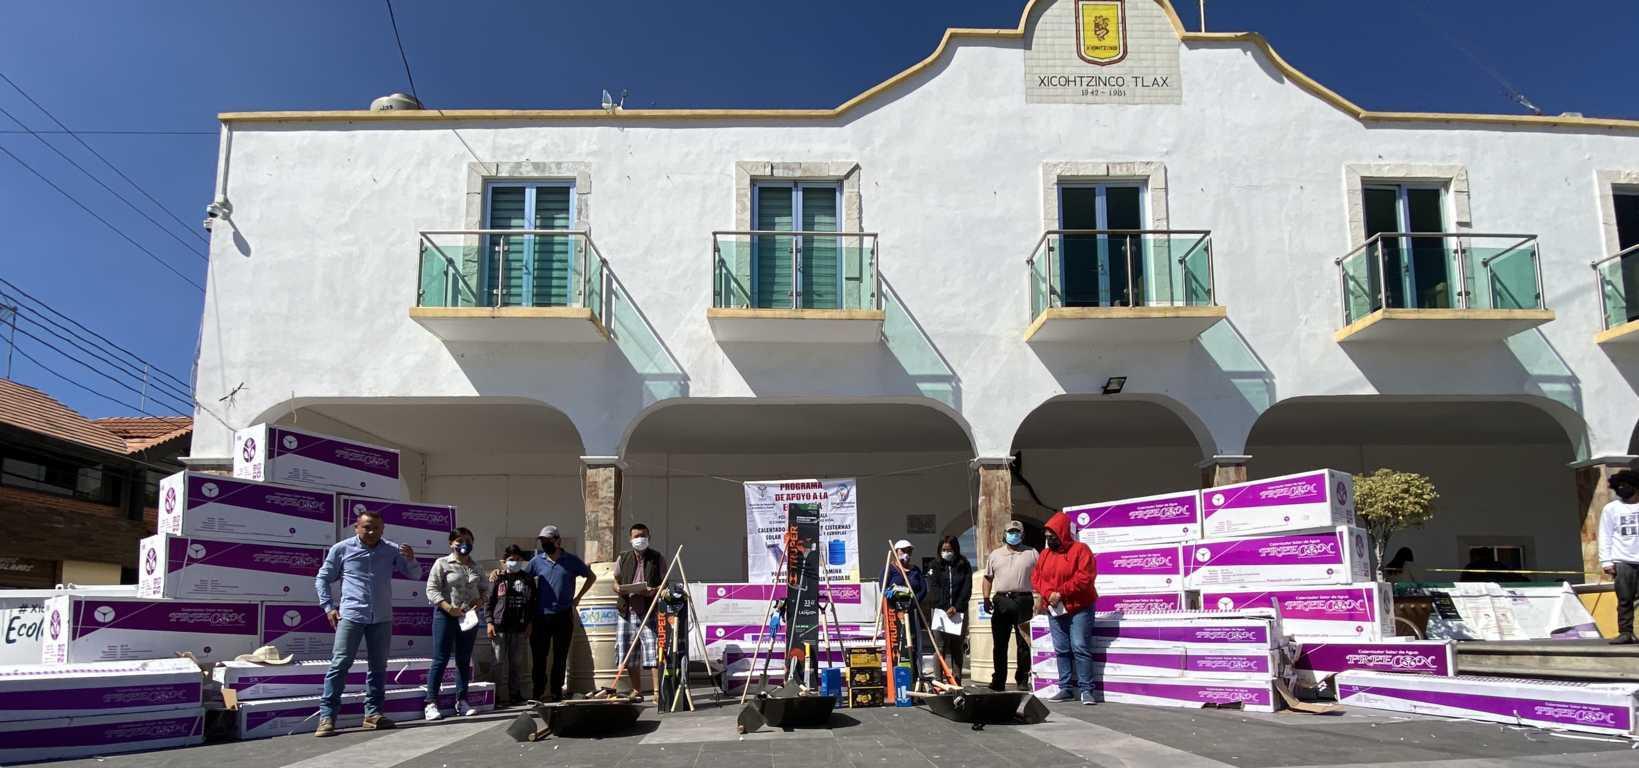 Continúa en Xicohtzinco entrega de productos subsidiados